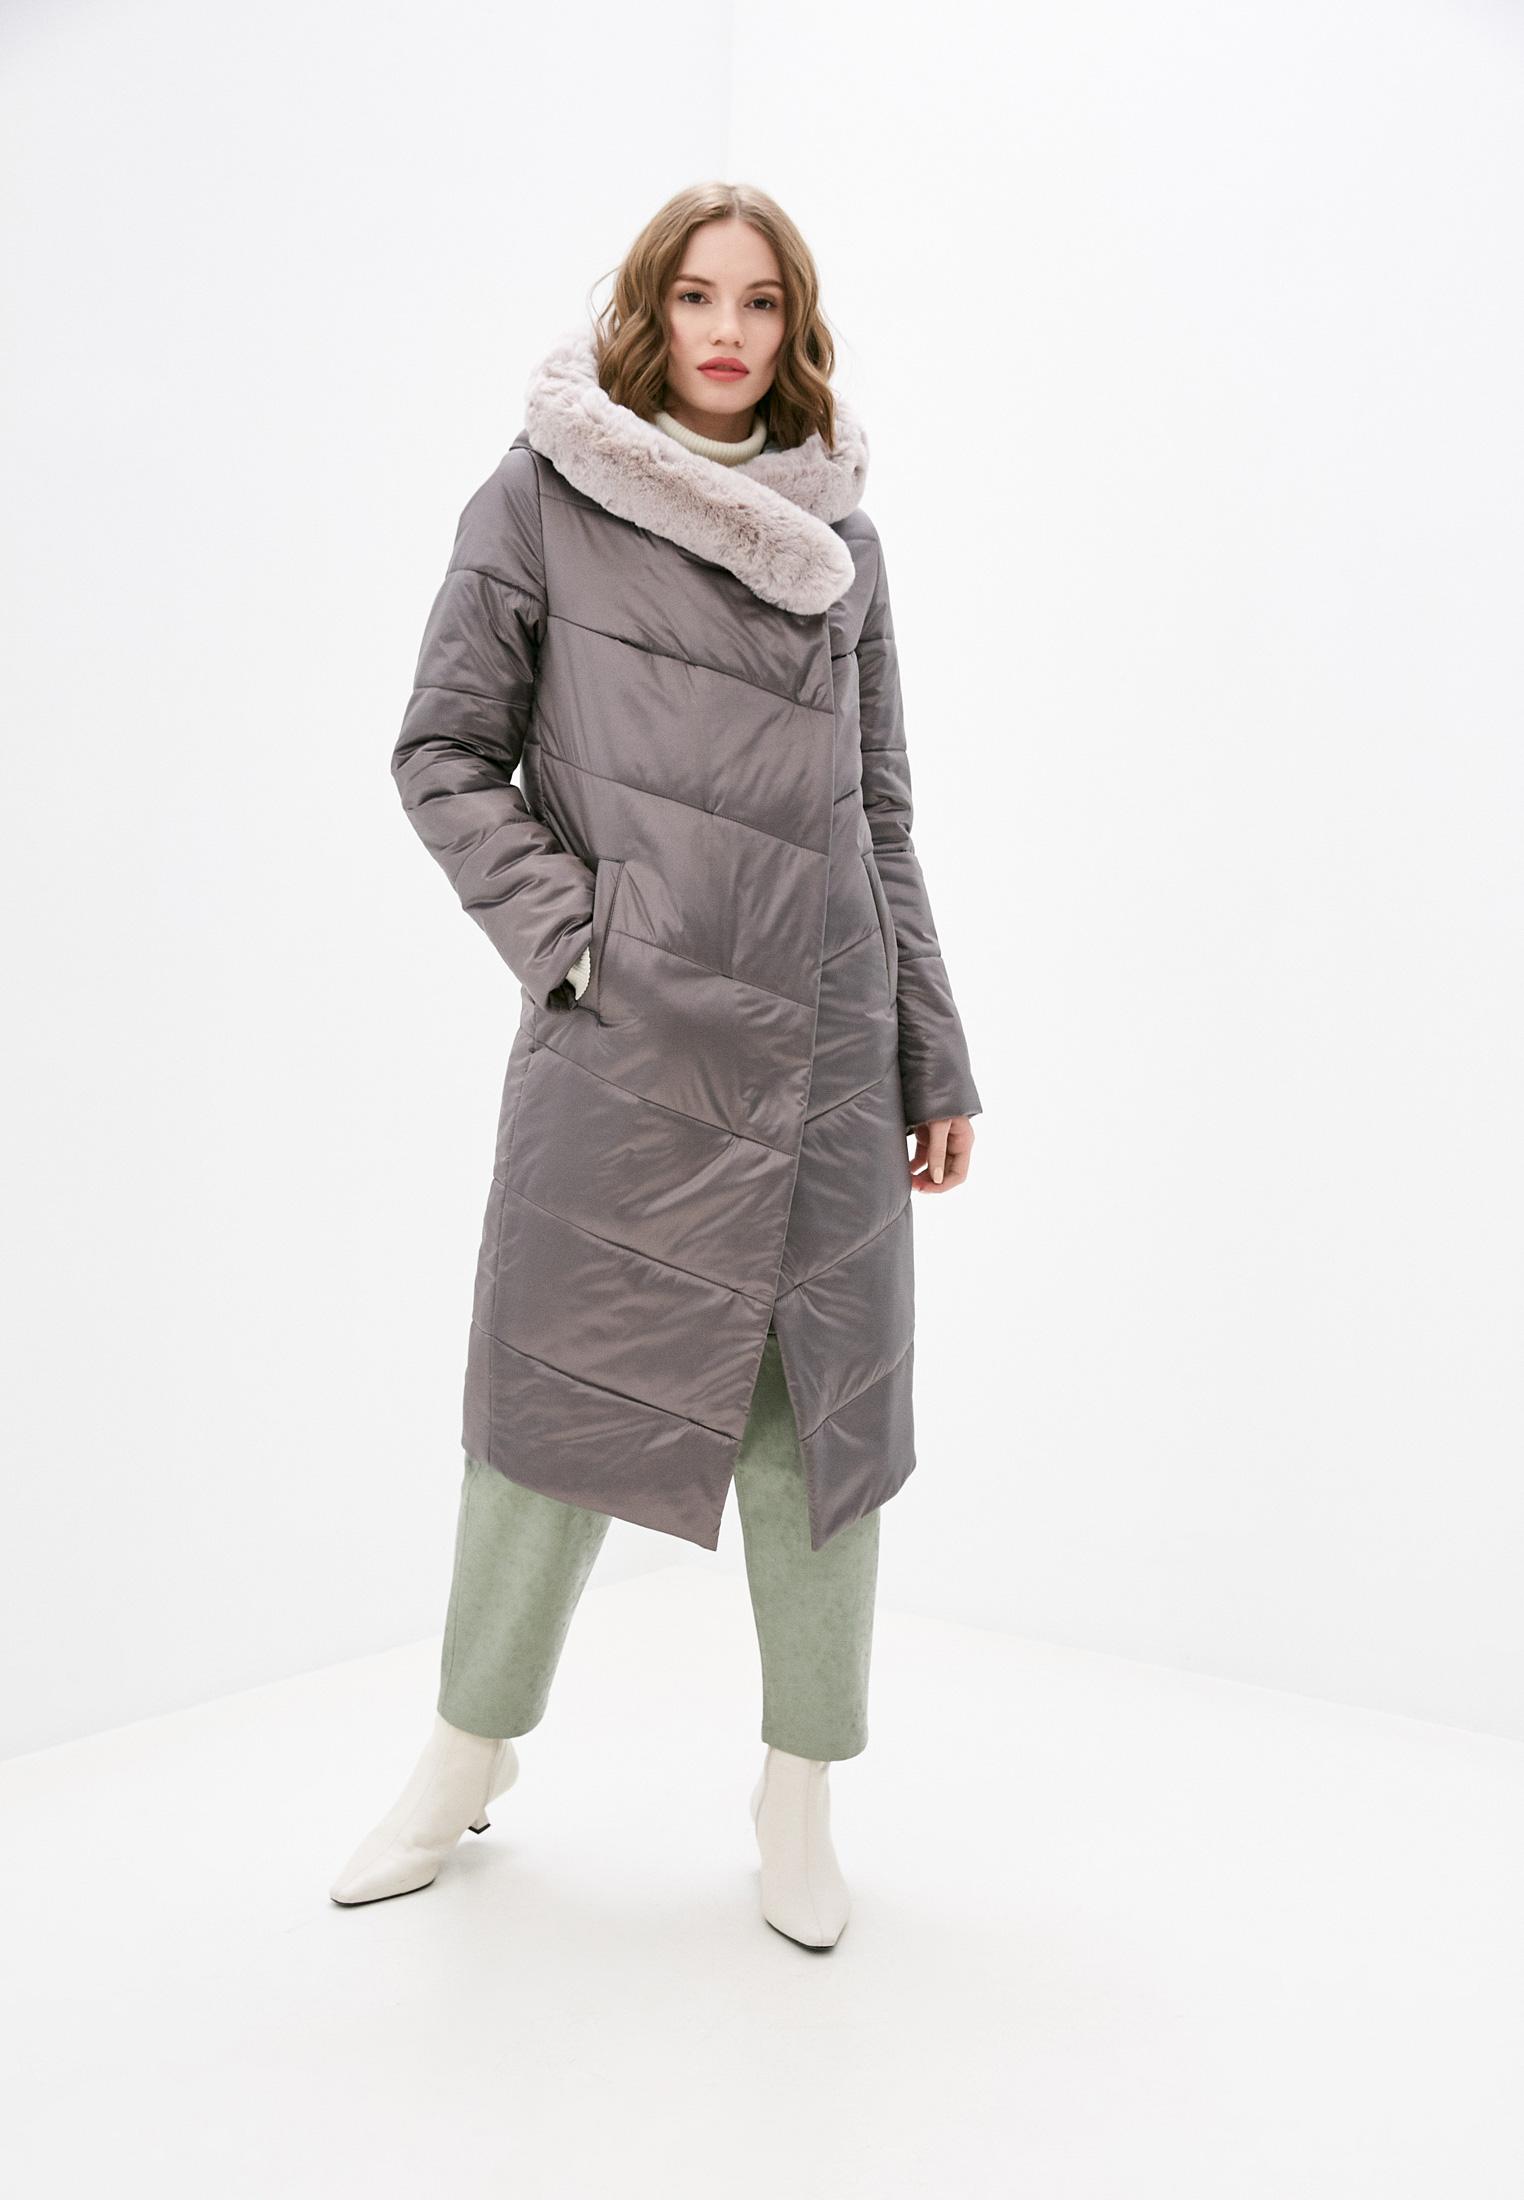 Утепленная куртка Nataliy Beate Пальто  мод 123